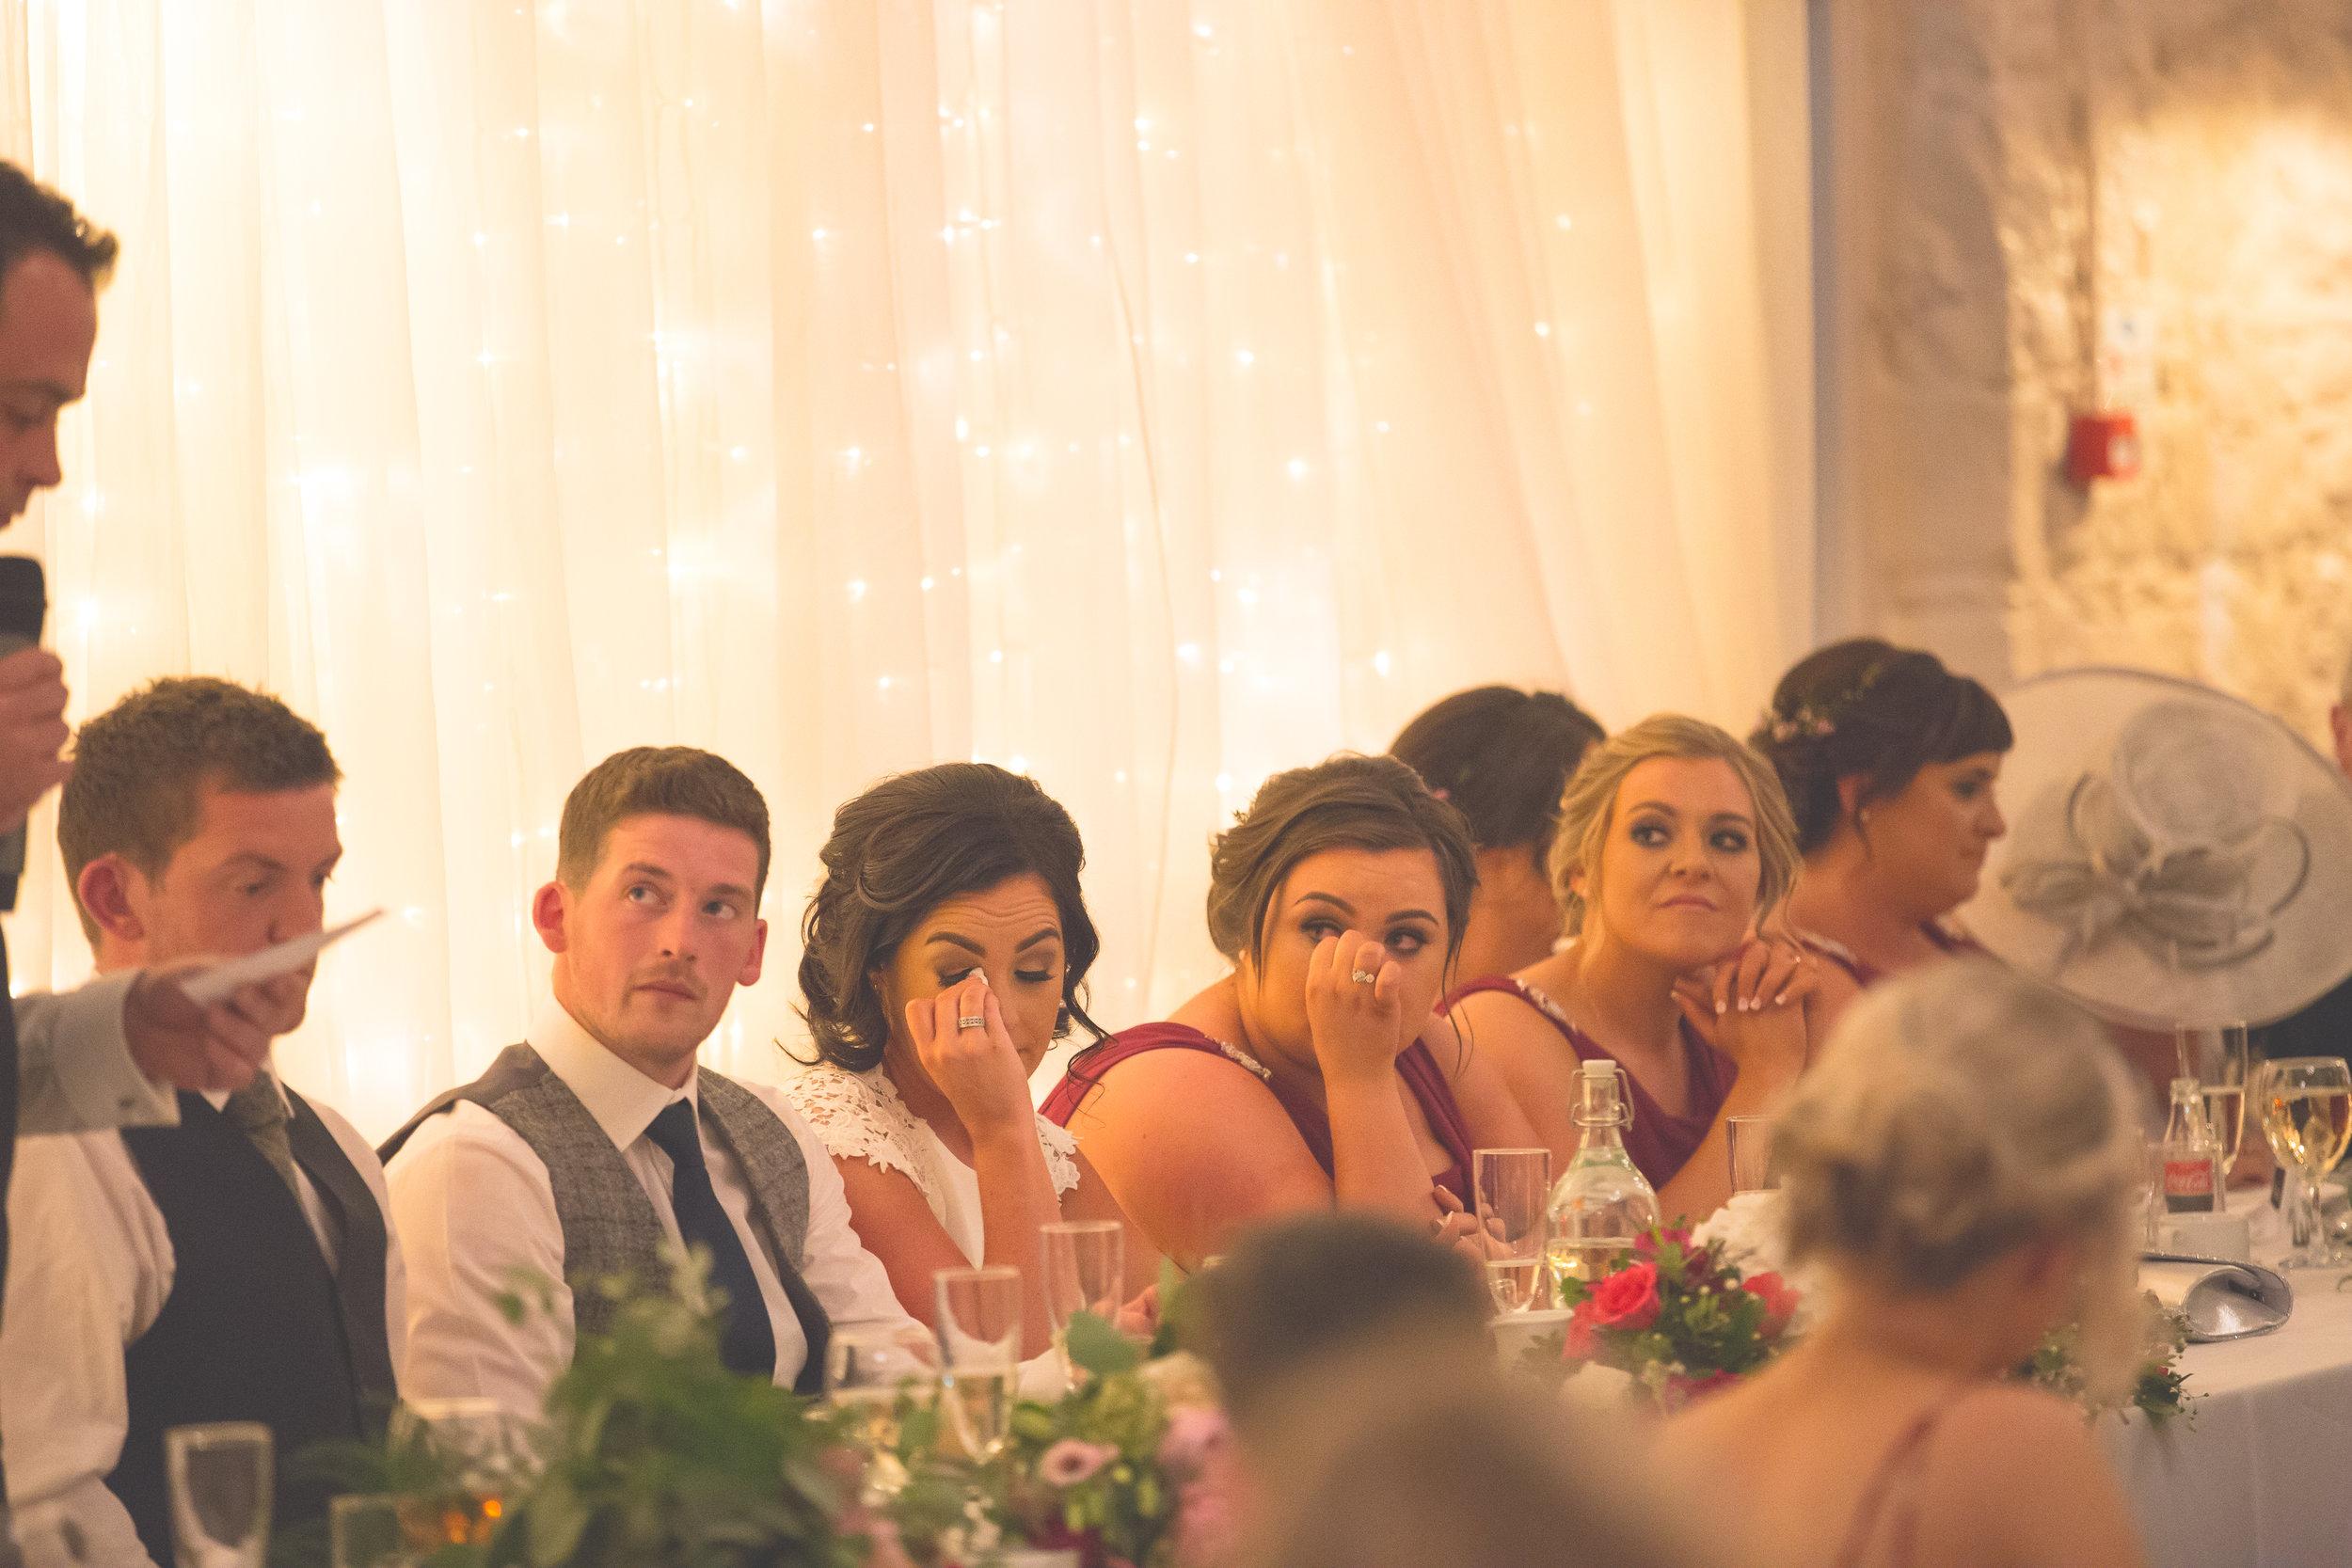 Brian McEwan Wedding Photography | Carol-Anne & Sean | The Speeches-103.jpg